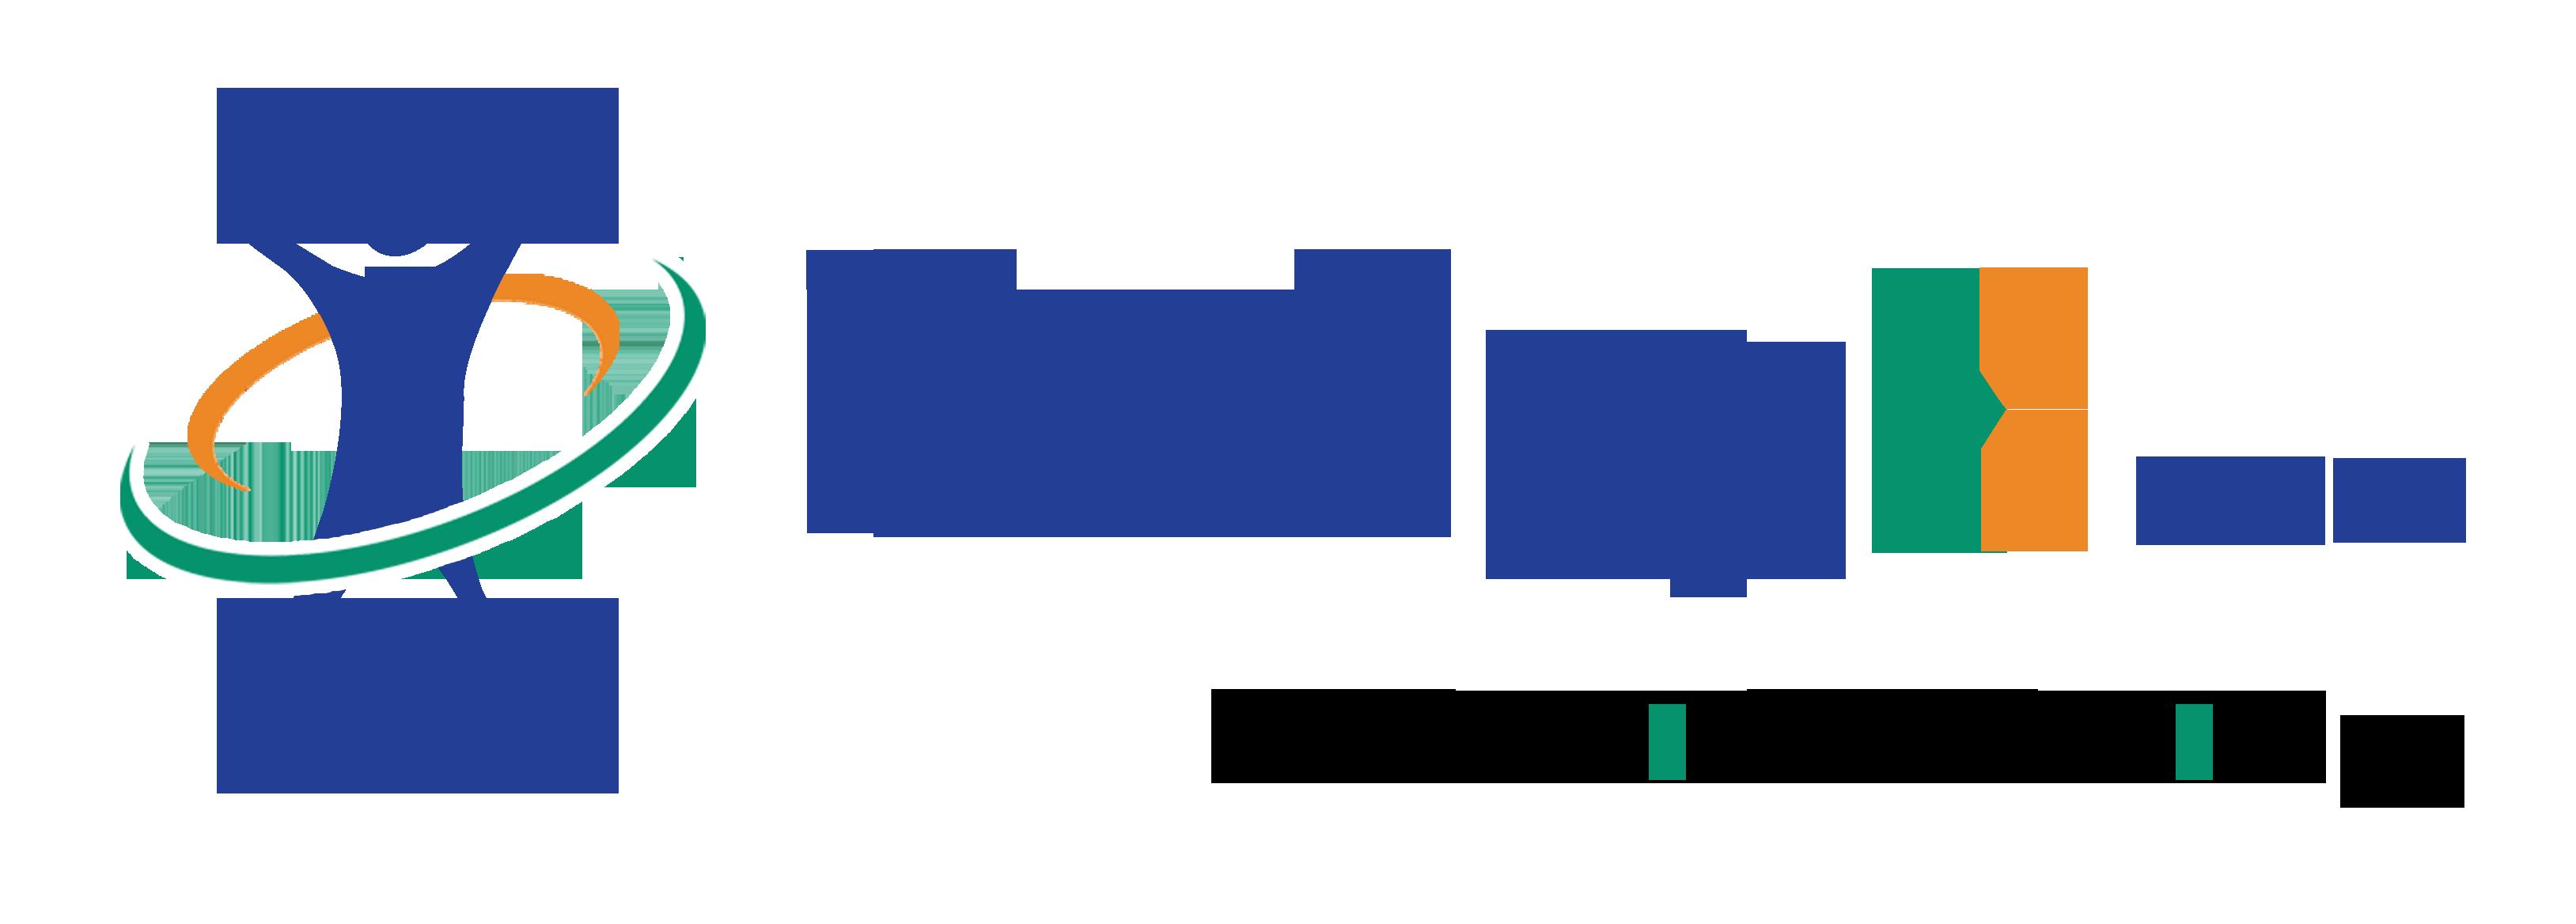 PolicyX.com Image